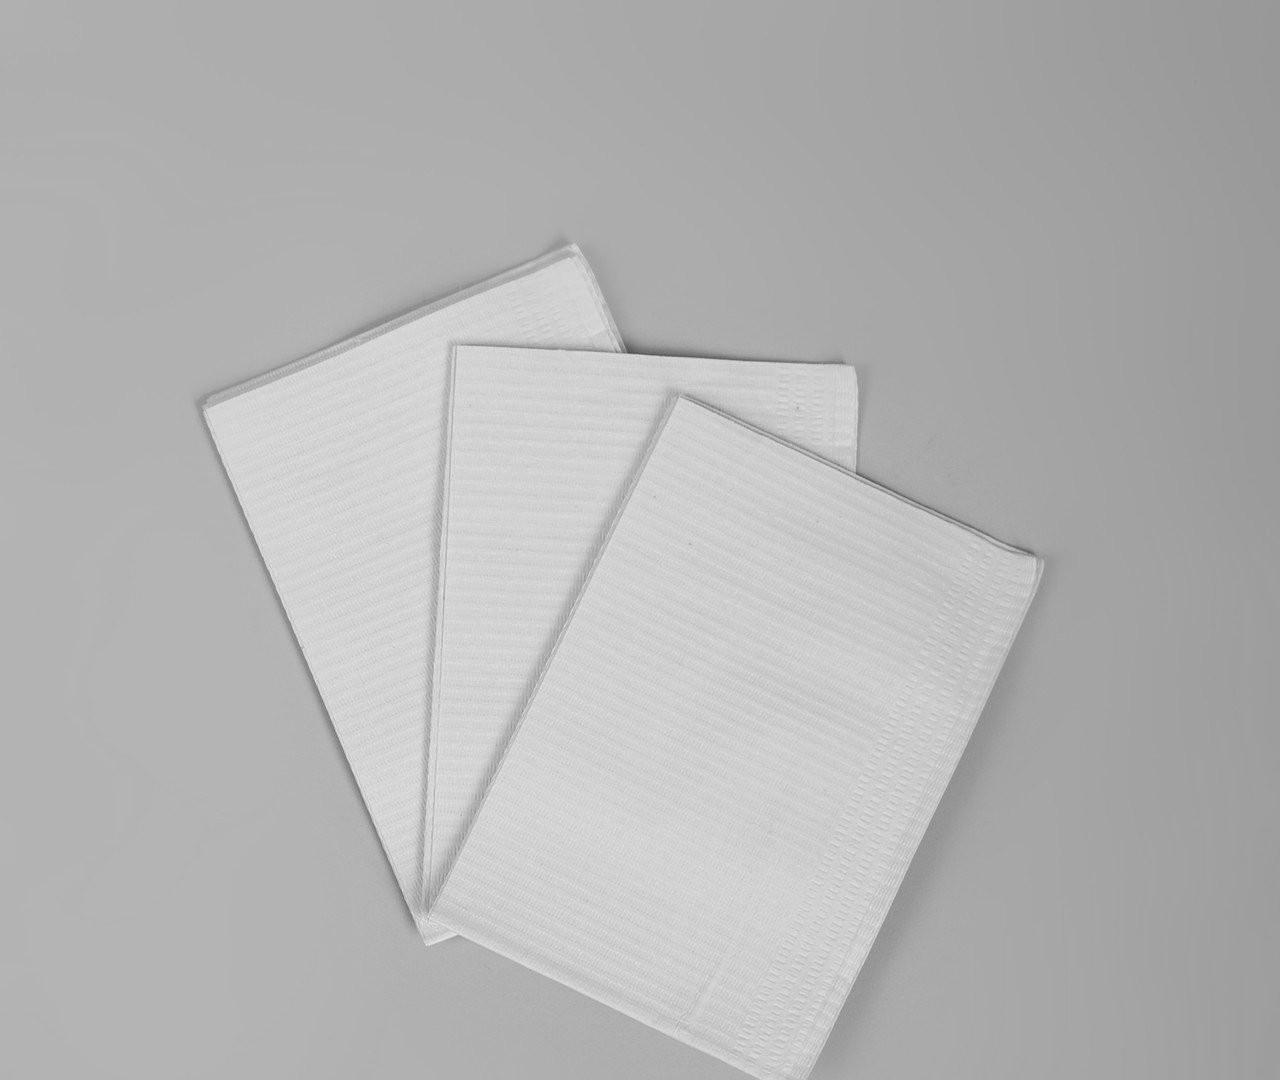 Салфетка нагрудник медицинская, стоматологическая трёхслойная Polix PRO&MED (125шт в упаковке) Белая